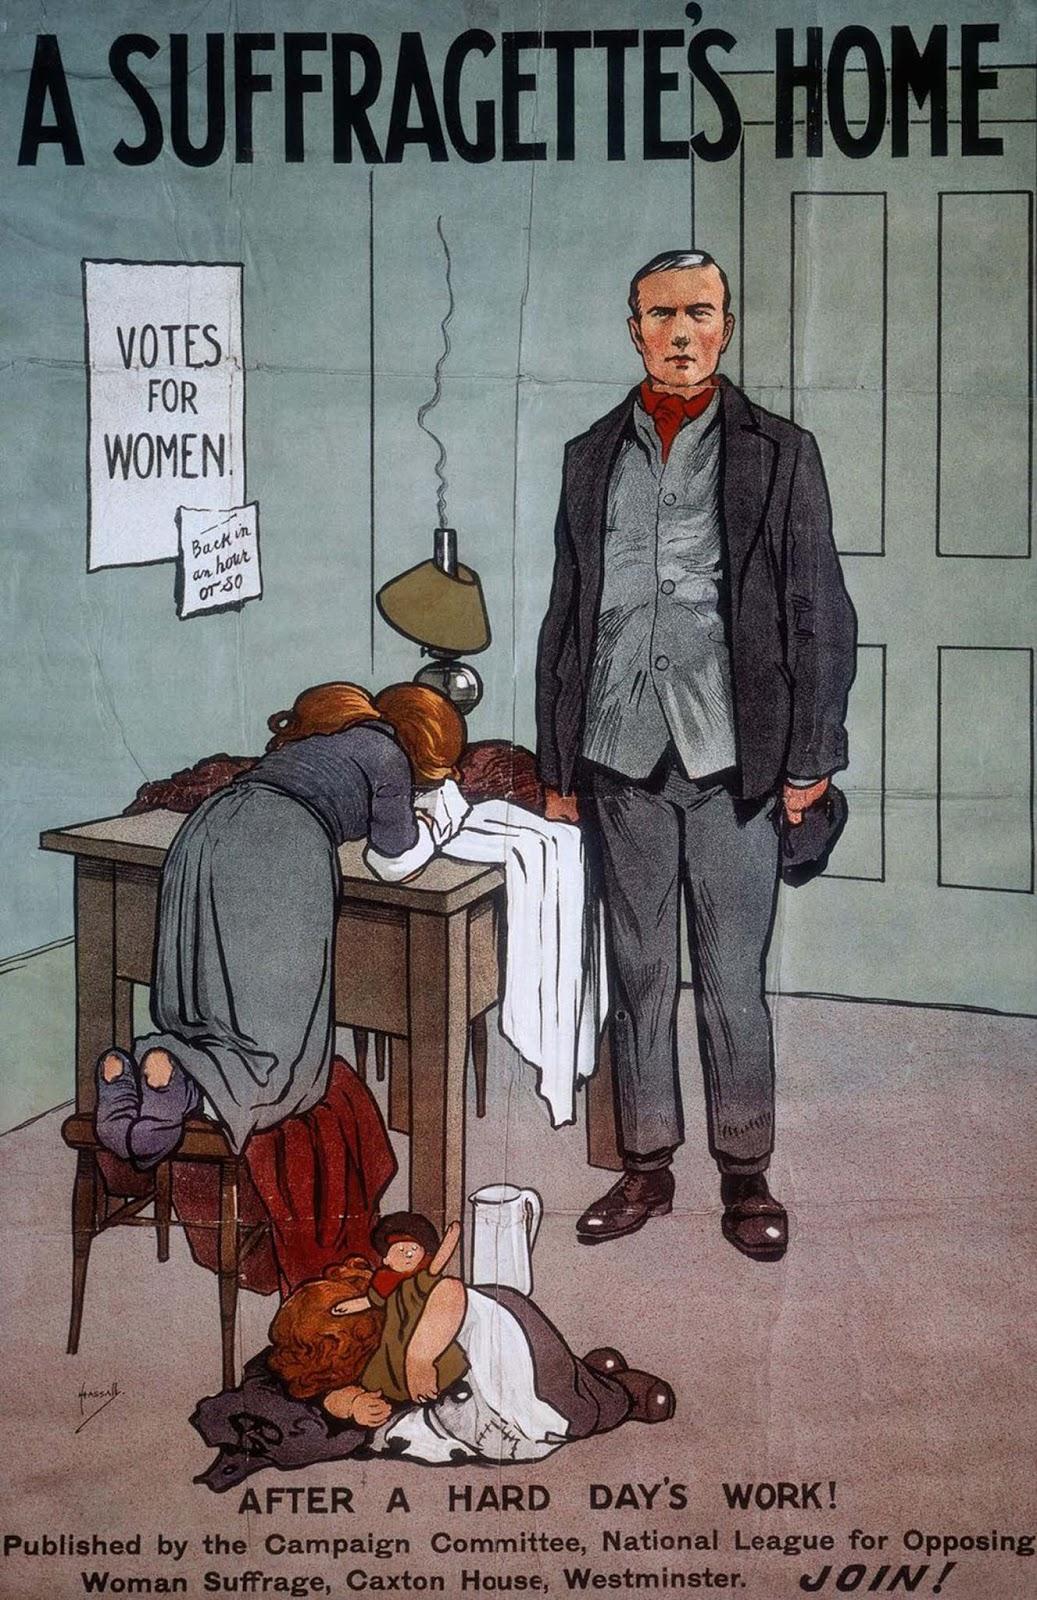 A Suffragette's Home. 1910.